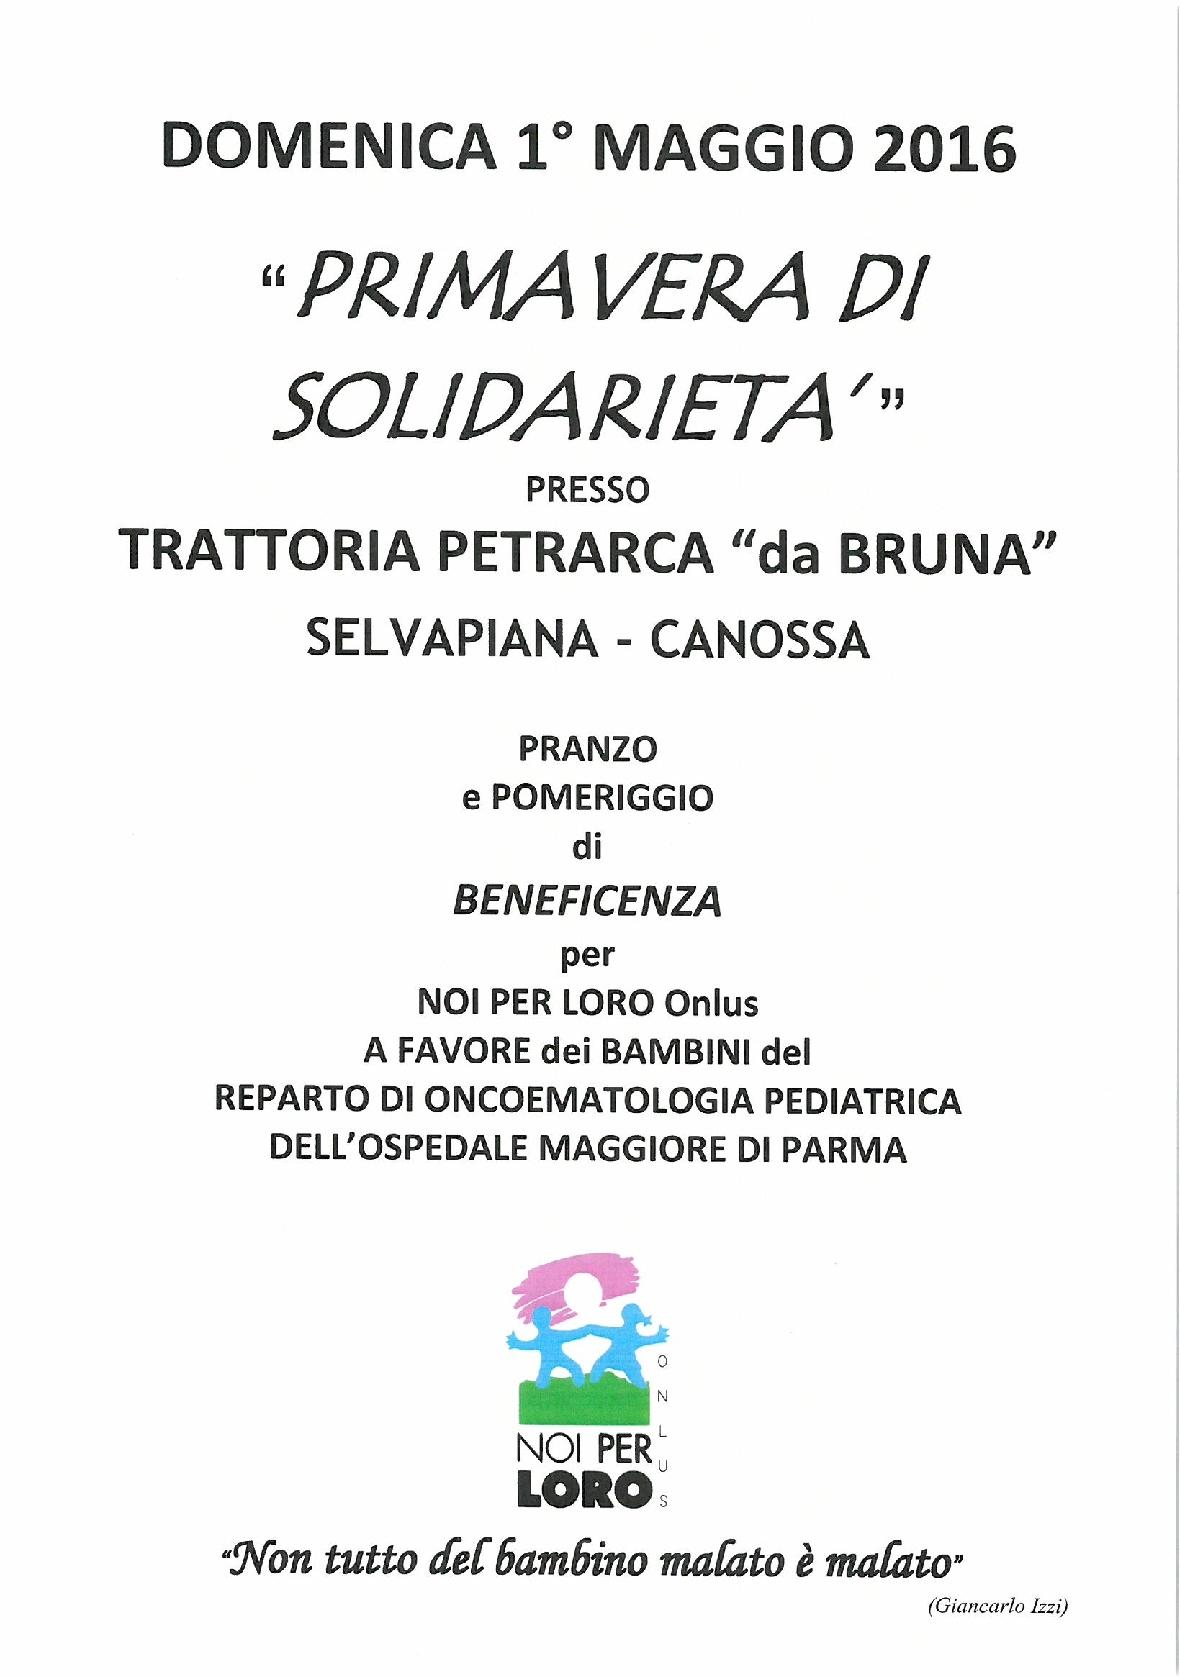 Primavera di Solidarietà 1 maggio 2016 Trattoria Petrarca Canossa